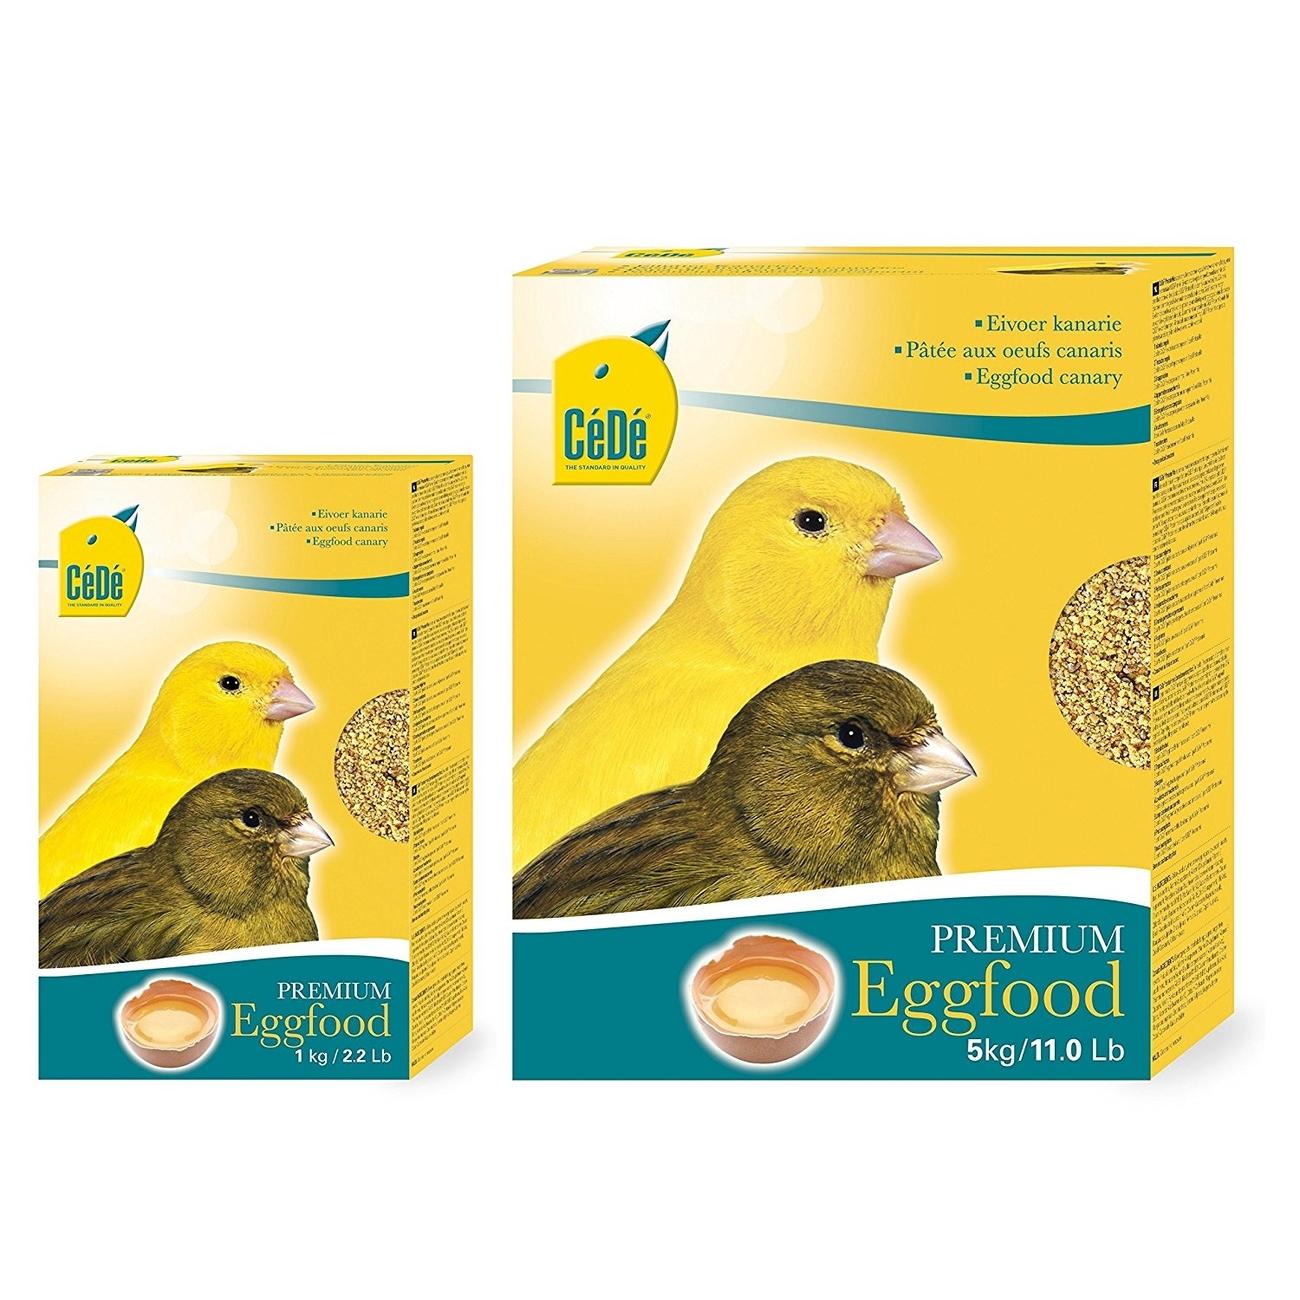 CéDé Vogelfutter Eifutter Kanarien gelb